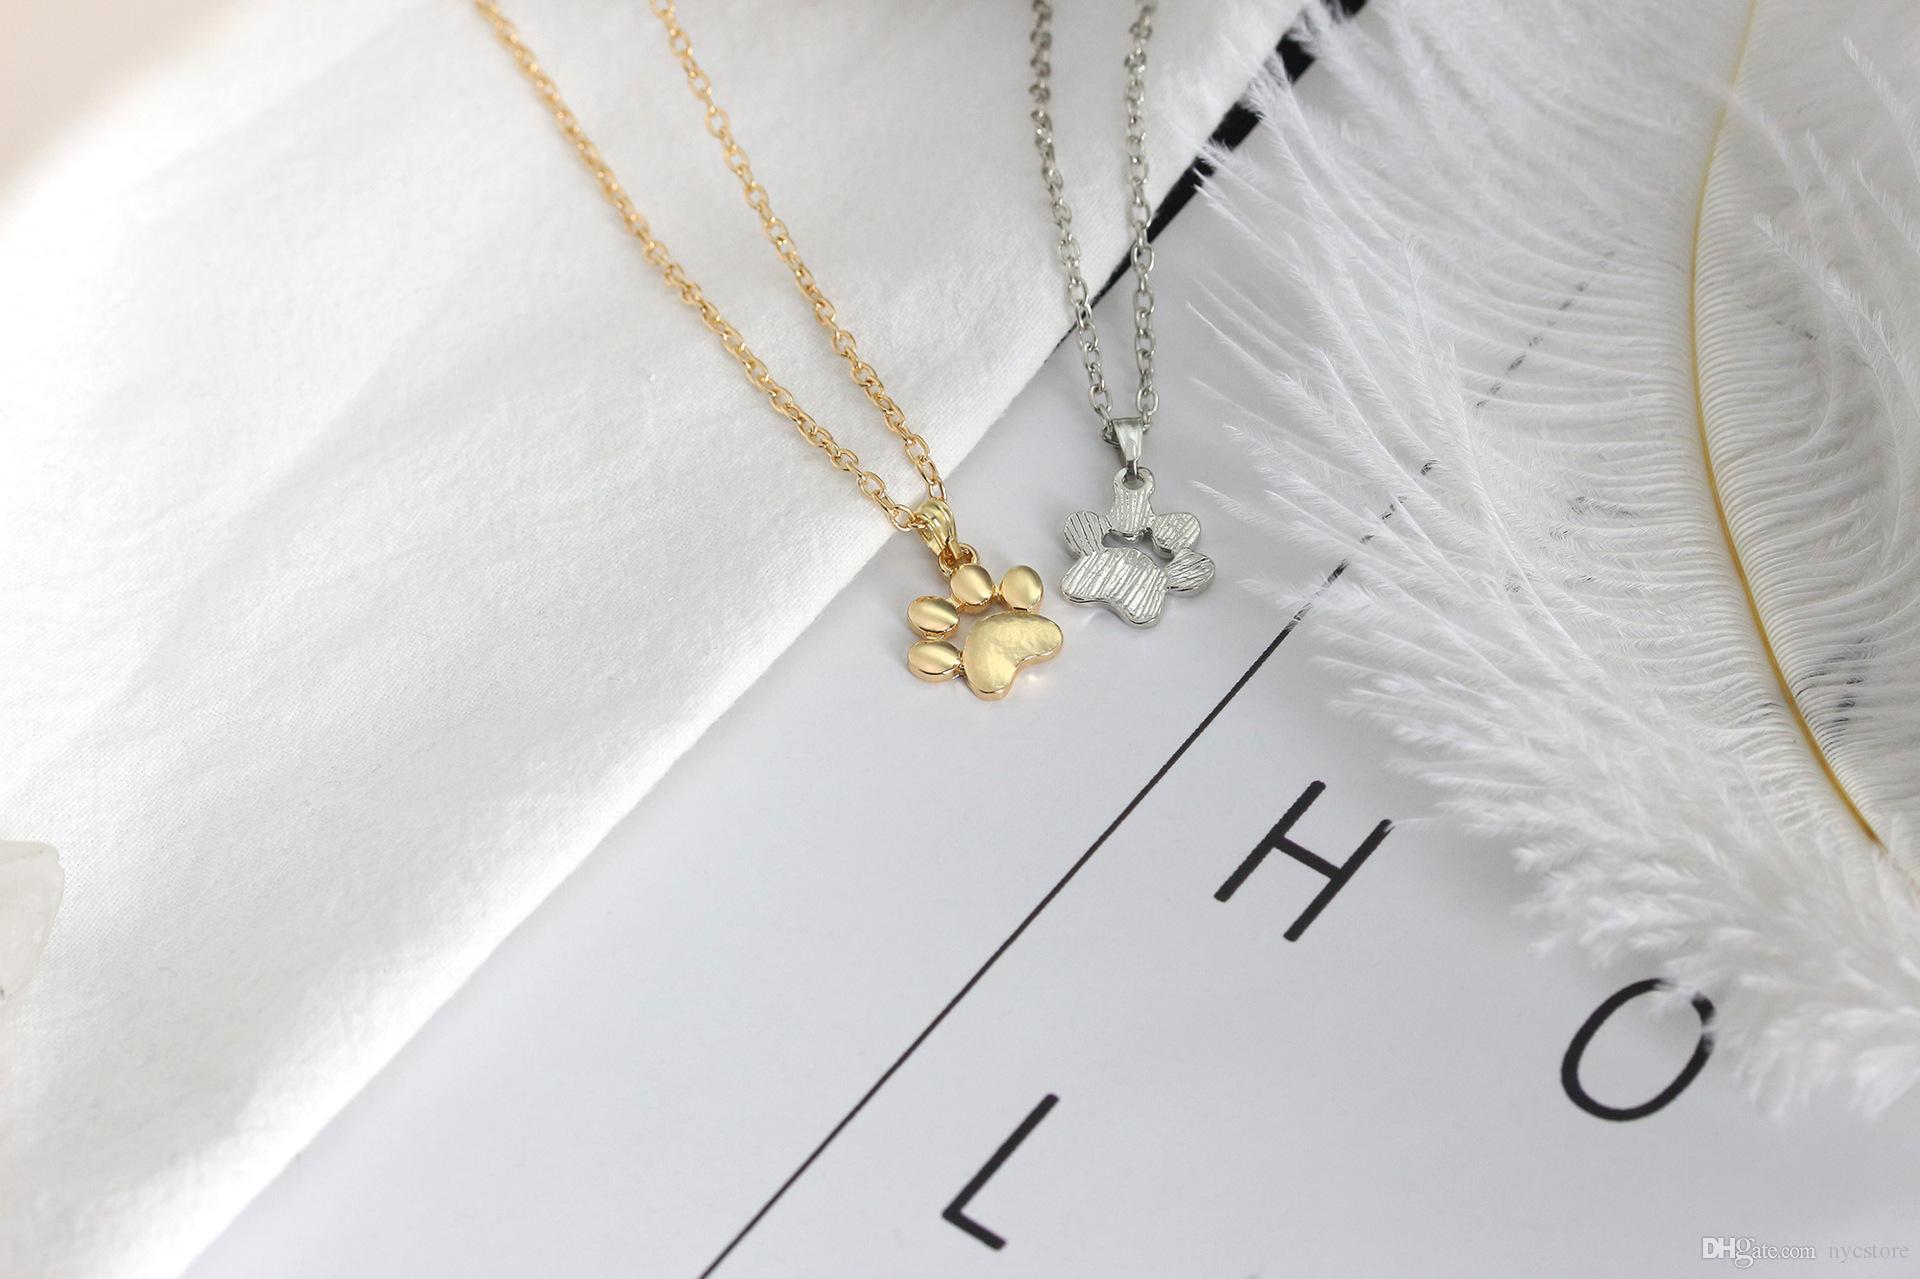 Metalllegierungs-nette Tierkatzentatzenfüße-Halskettengoldsilberhundegreiferpfoten formten hängende Halskettenfrauen-Art und Weiseschmucksachen des Mädchens